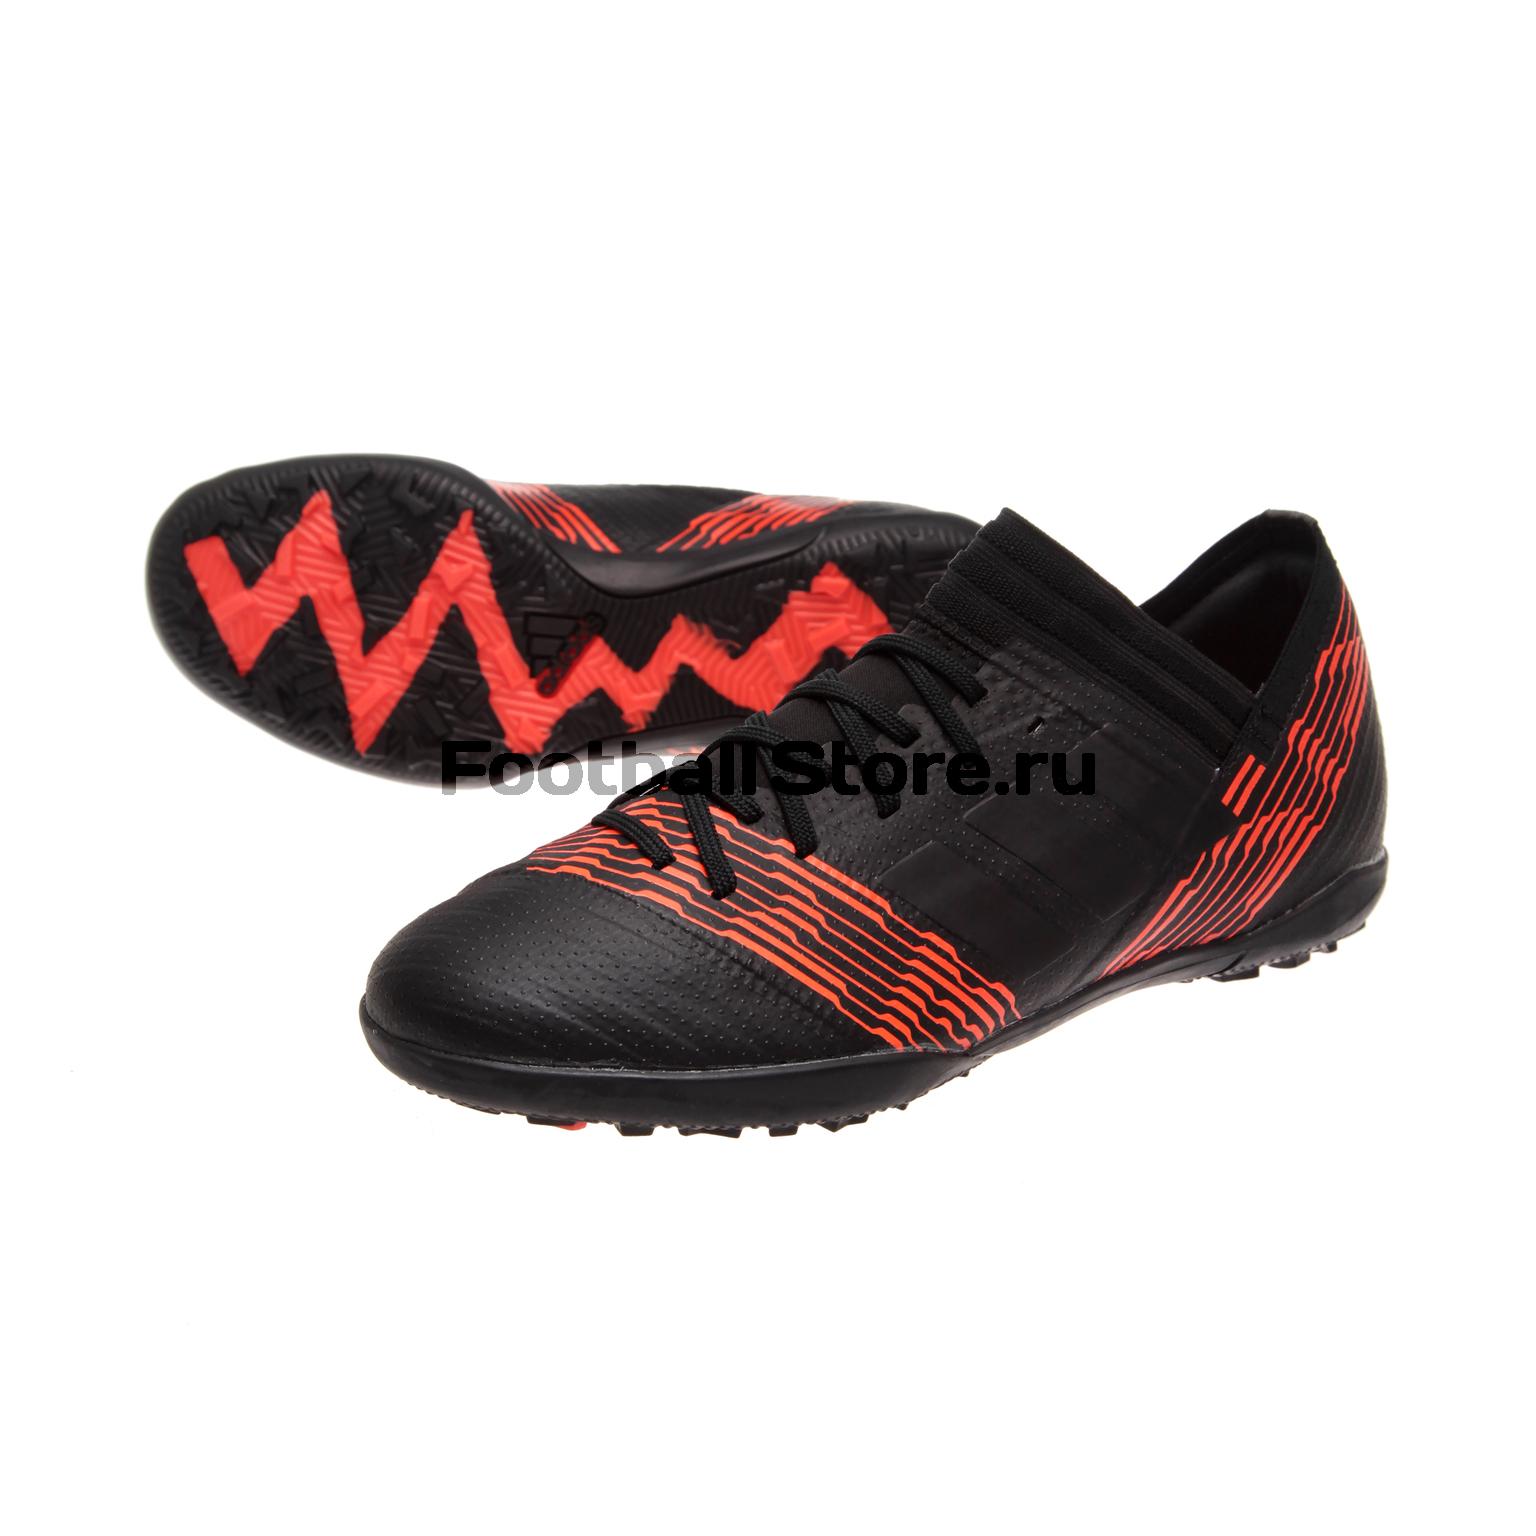 Шиповки Adidas Nemeziz Tango 17.3 TF JR CP9237 цена